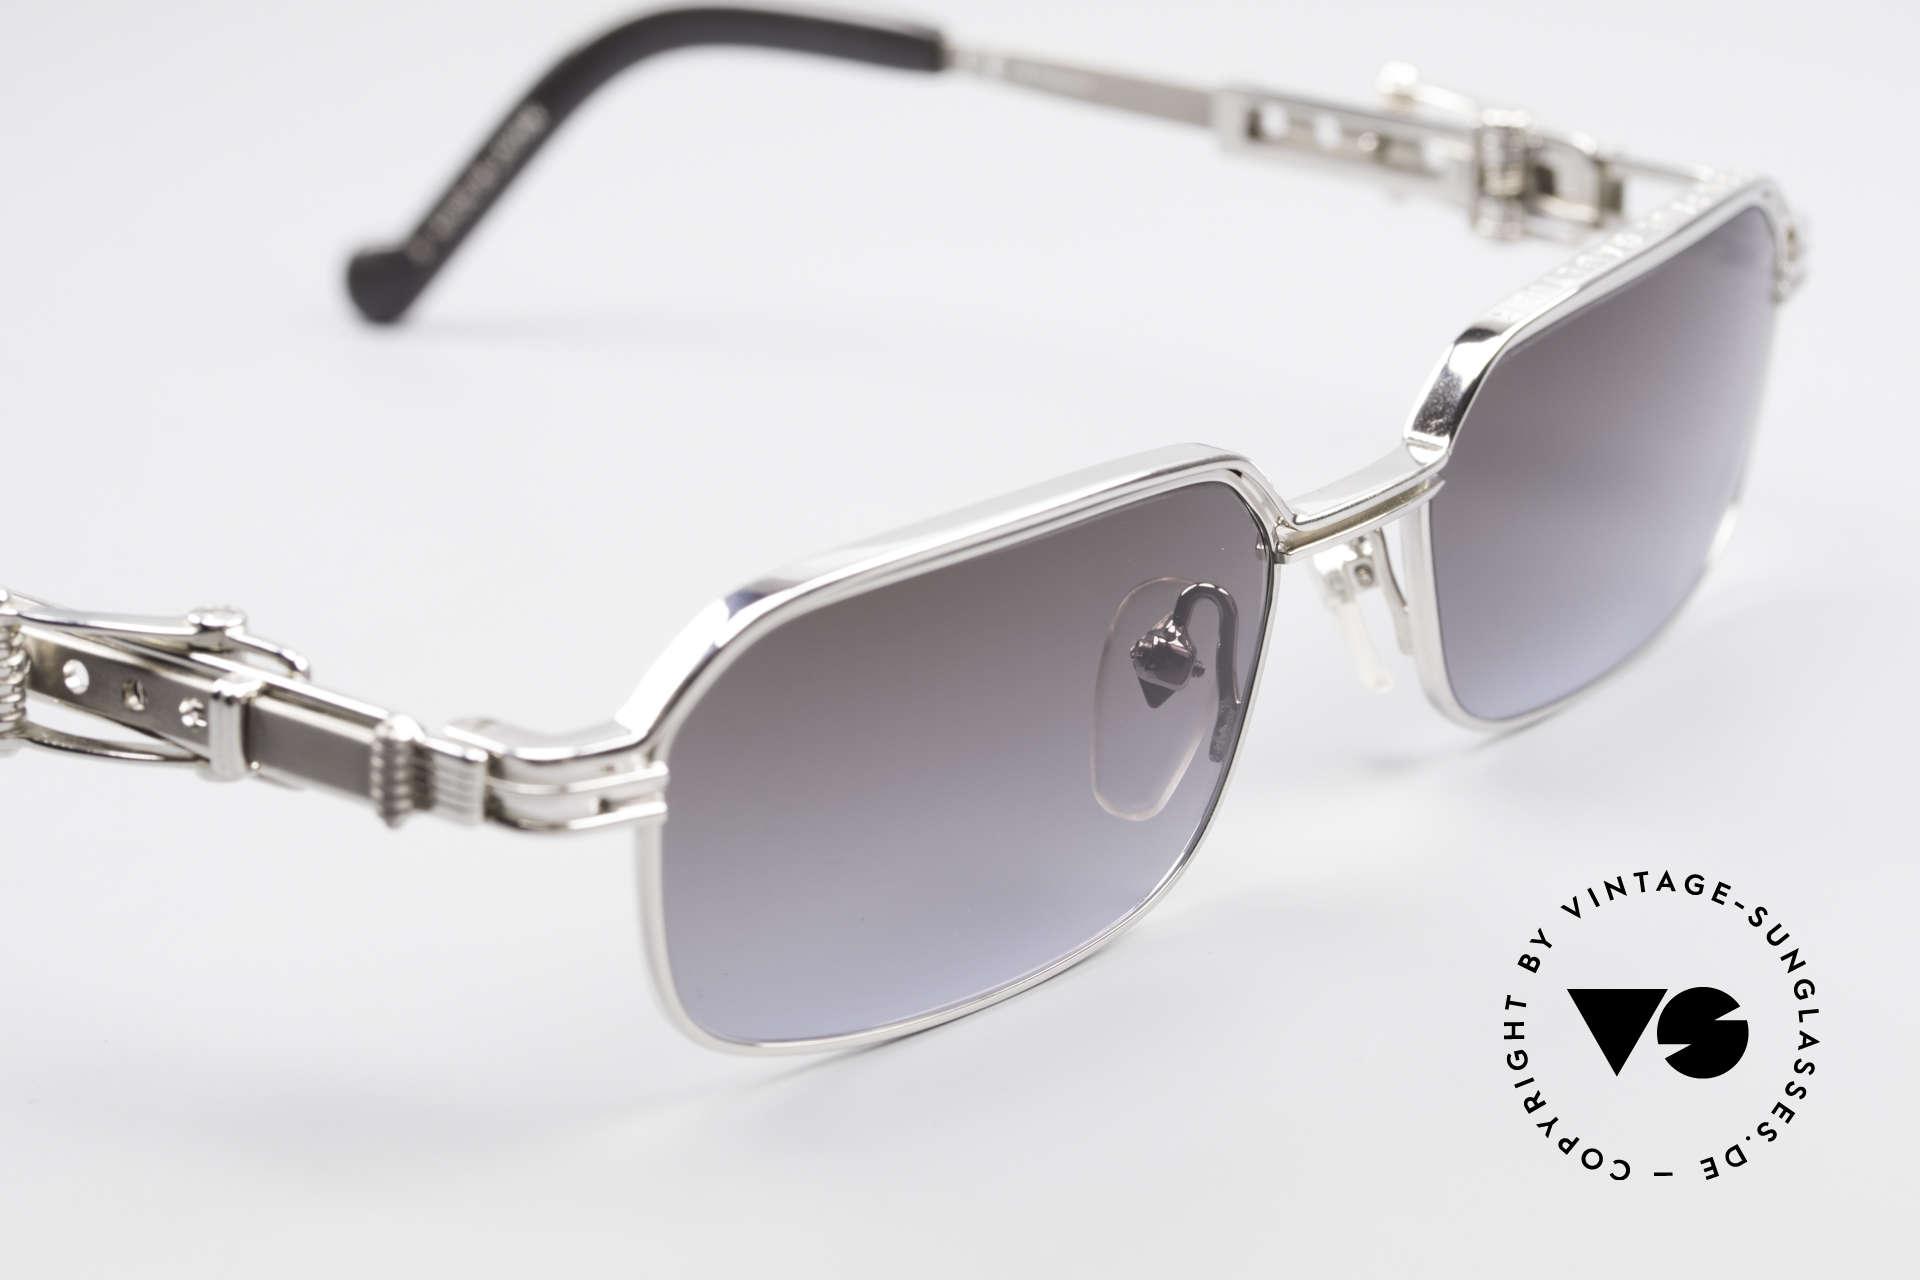 Jean Paul Gaultier 56-0002 Brille mit Gürtelschnalle, KEINE Retrobrille, sondern ein über 20J. altes ORIGINAL, Passend für Herren